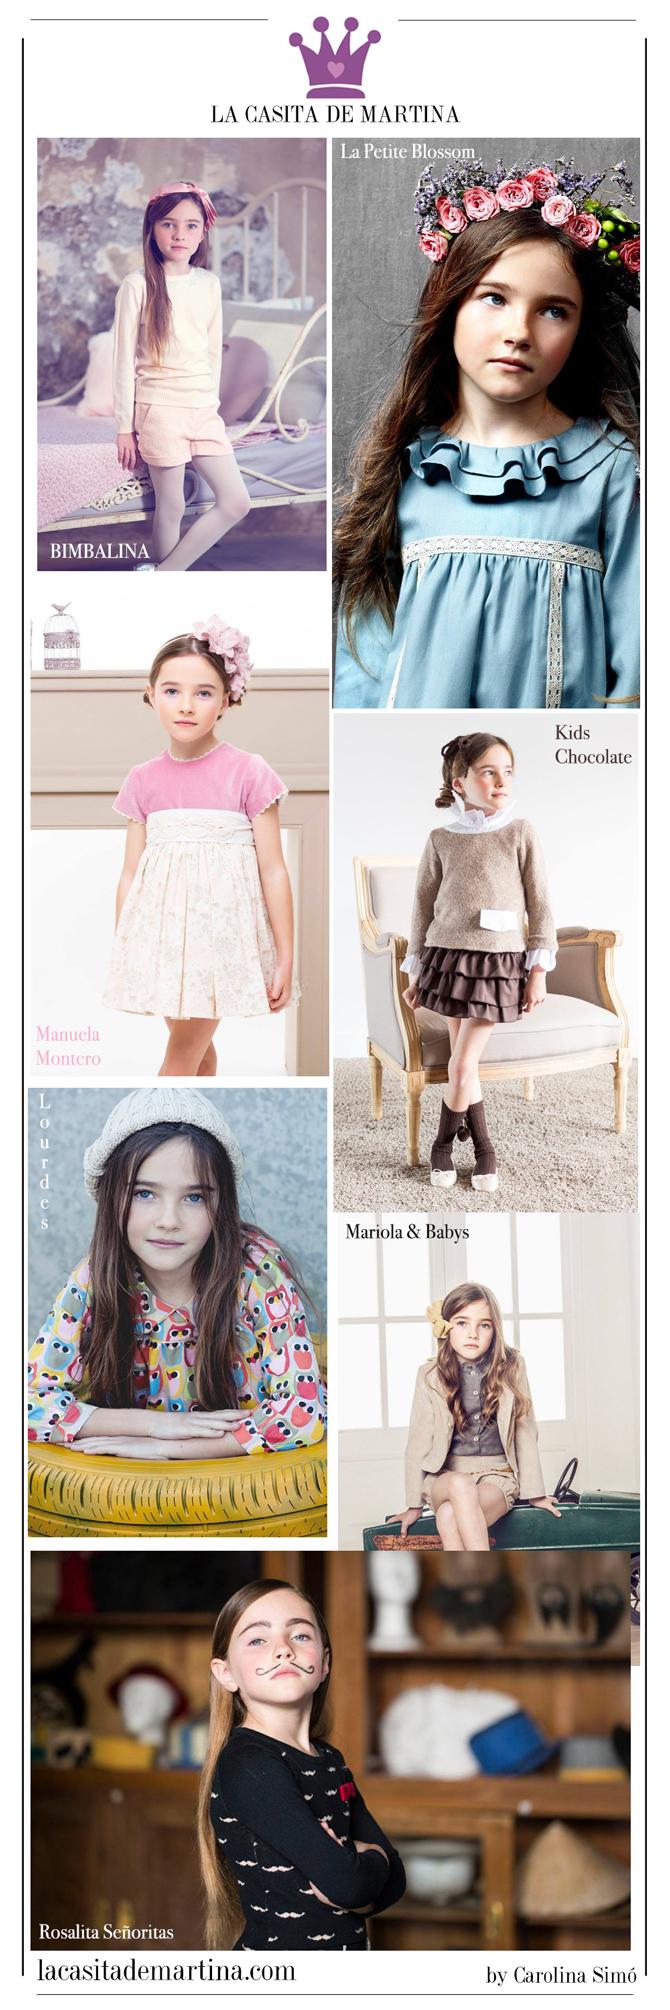 Blog de Moda Infantil, Aroa Renau, La casita de Martina, Kids Fashion Blog